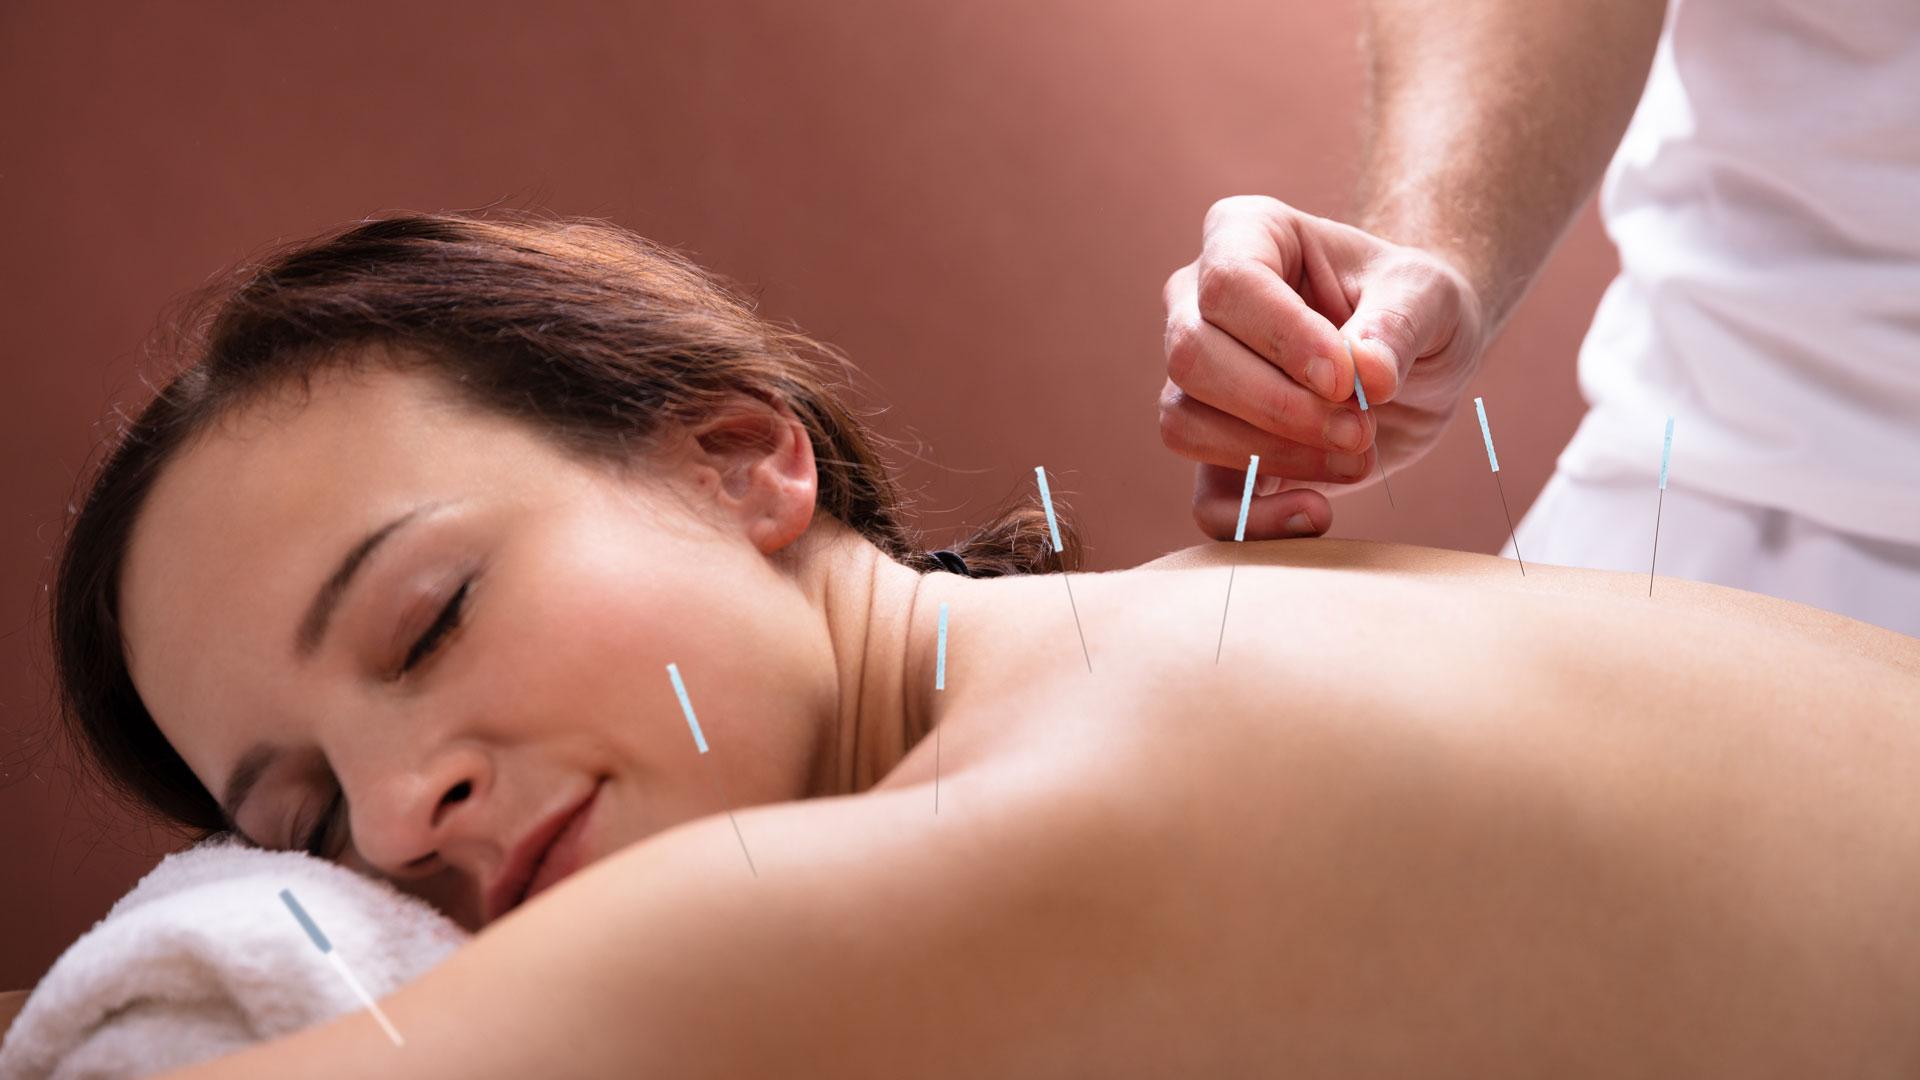 Dame recevant un soin d'acupuncture.